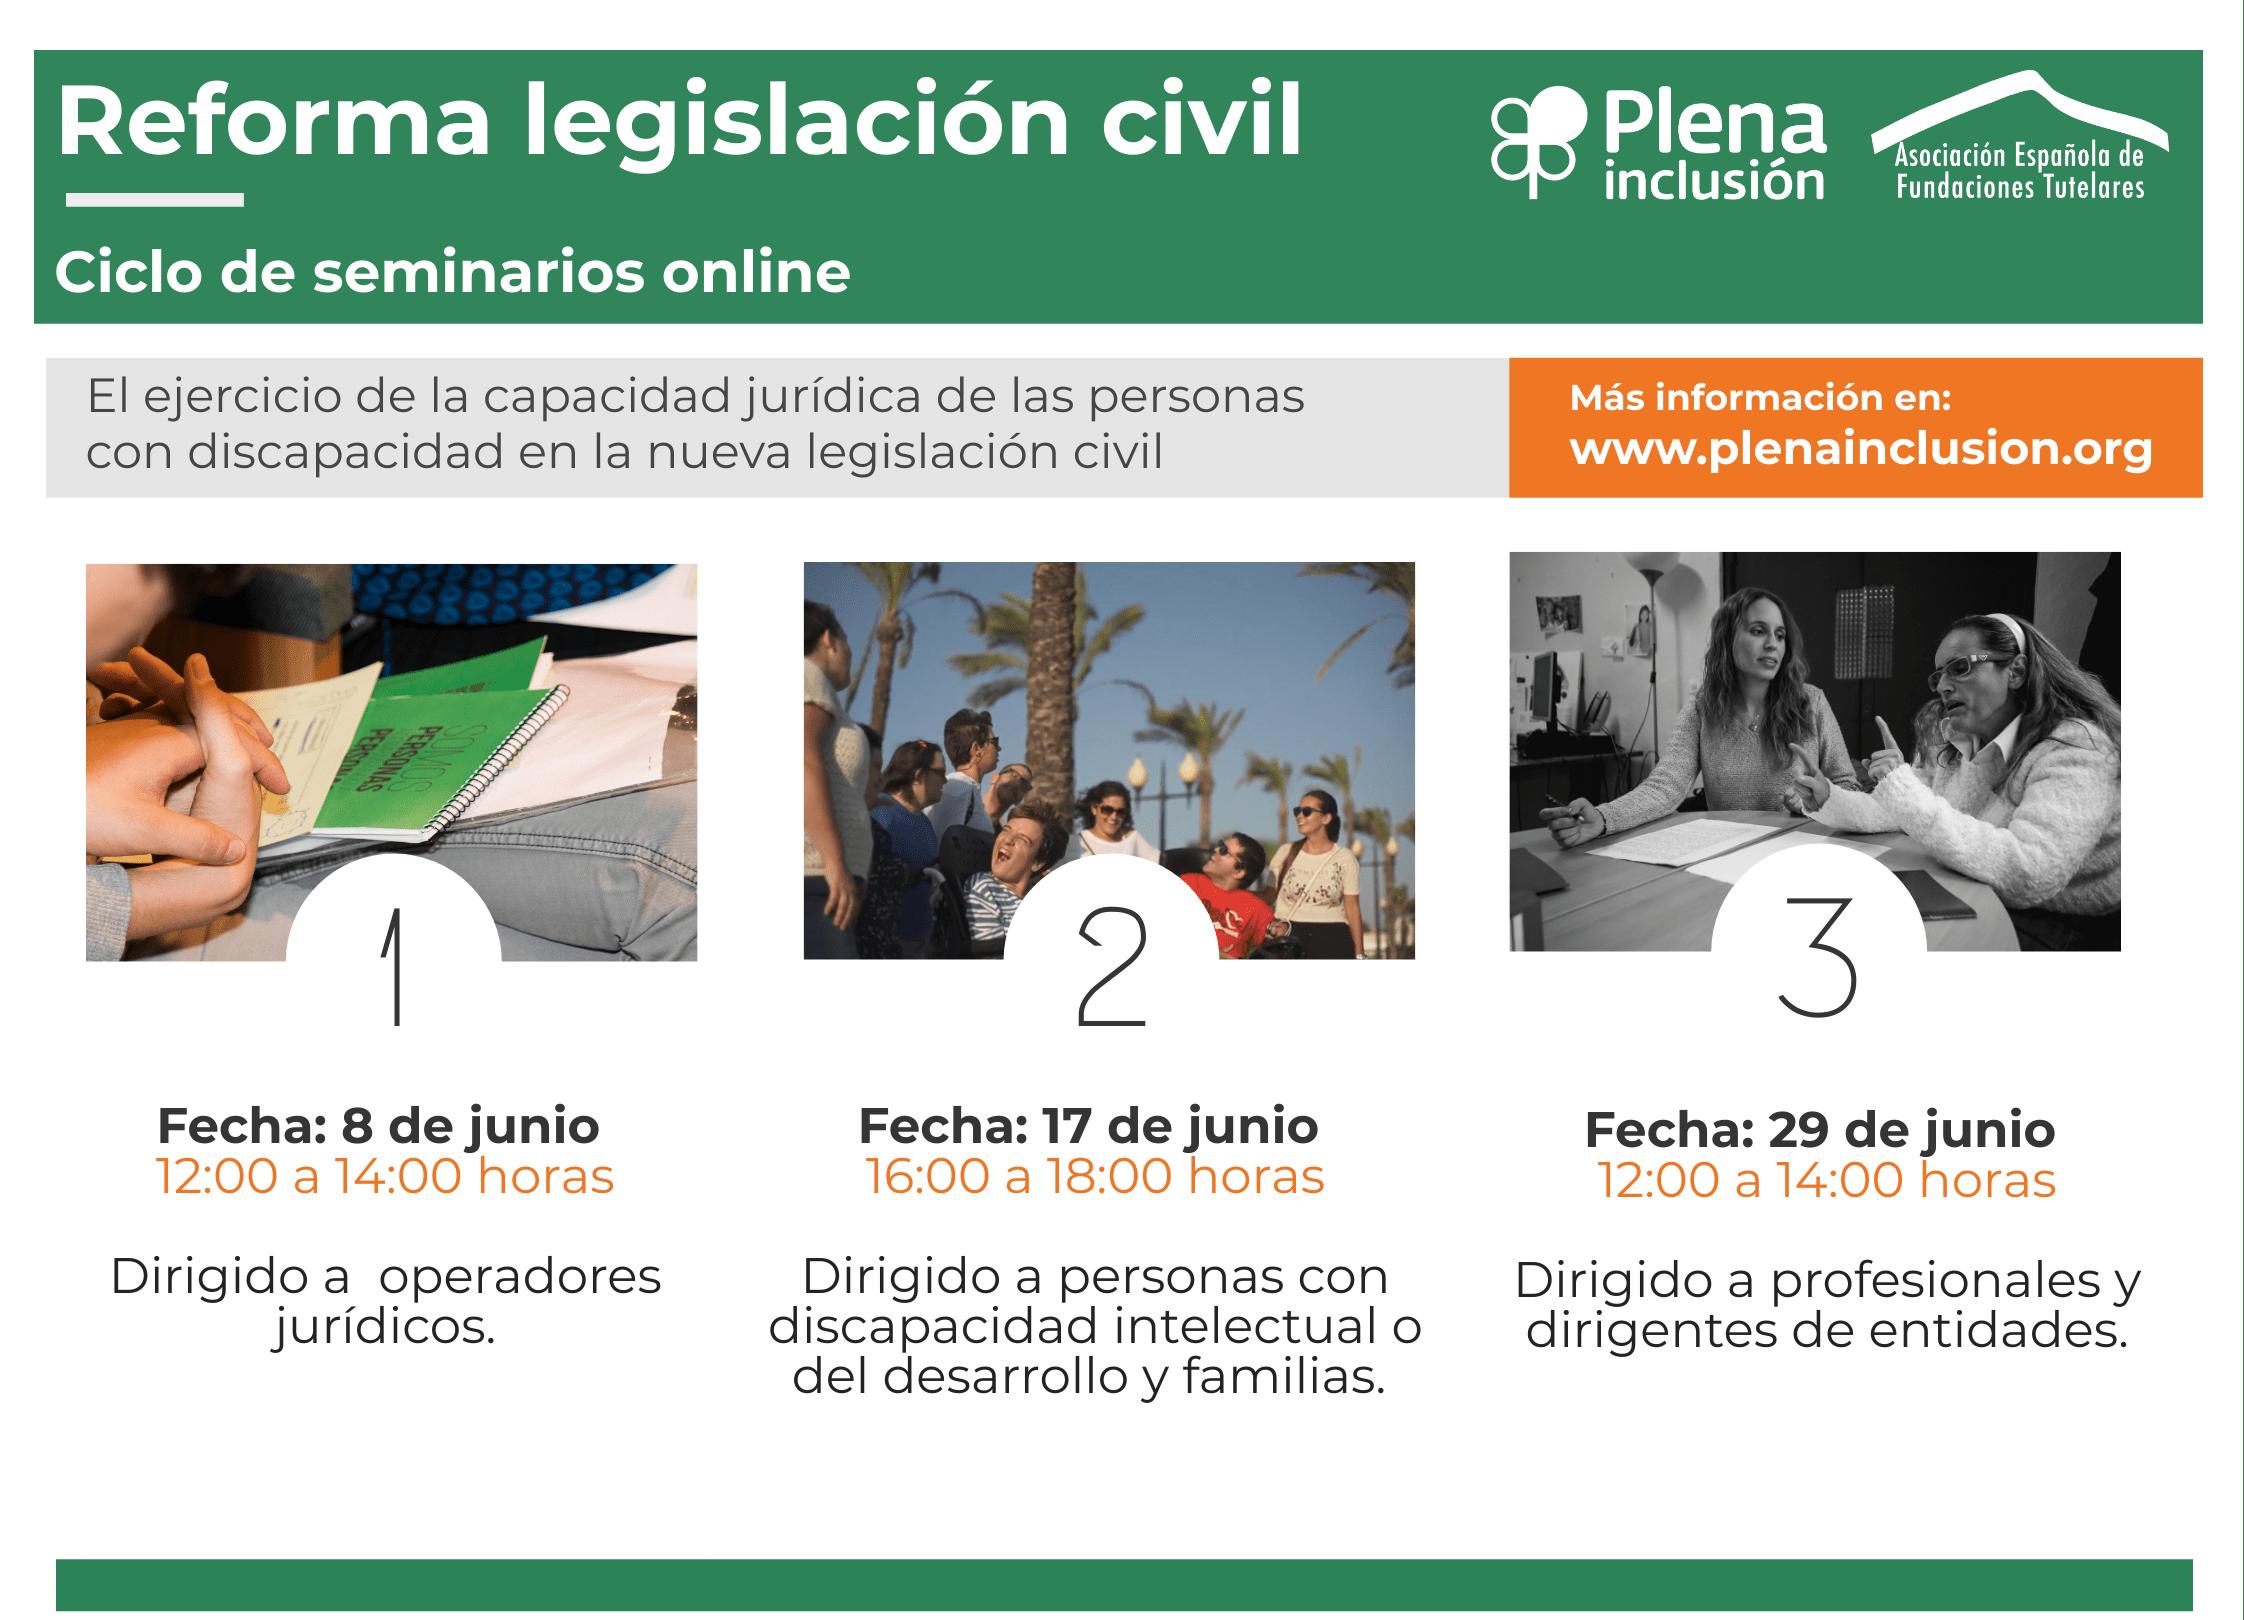 Ir al evento: Ciclo de seminarios online sobre la reforma de la legislación civil (sesión 3 para profesionales de organizaciones)